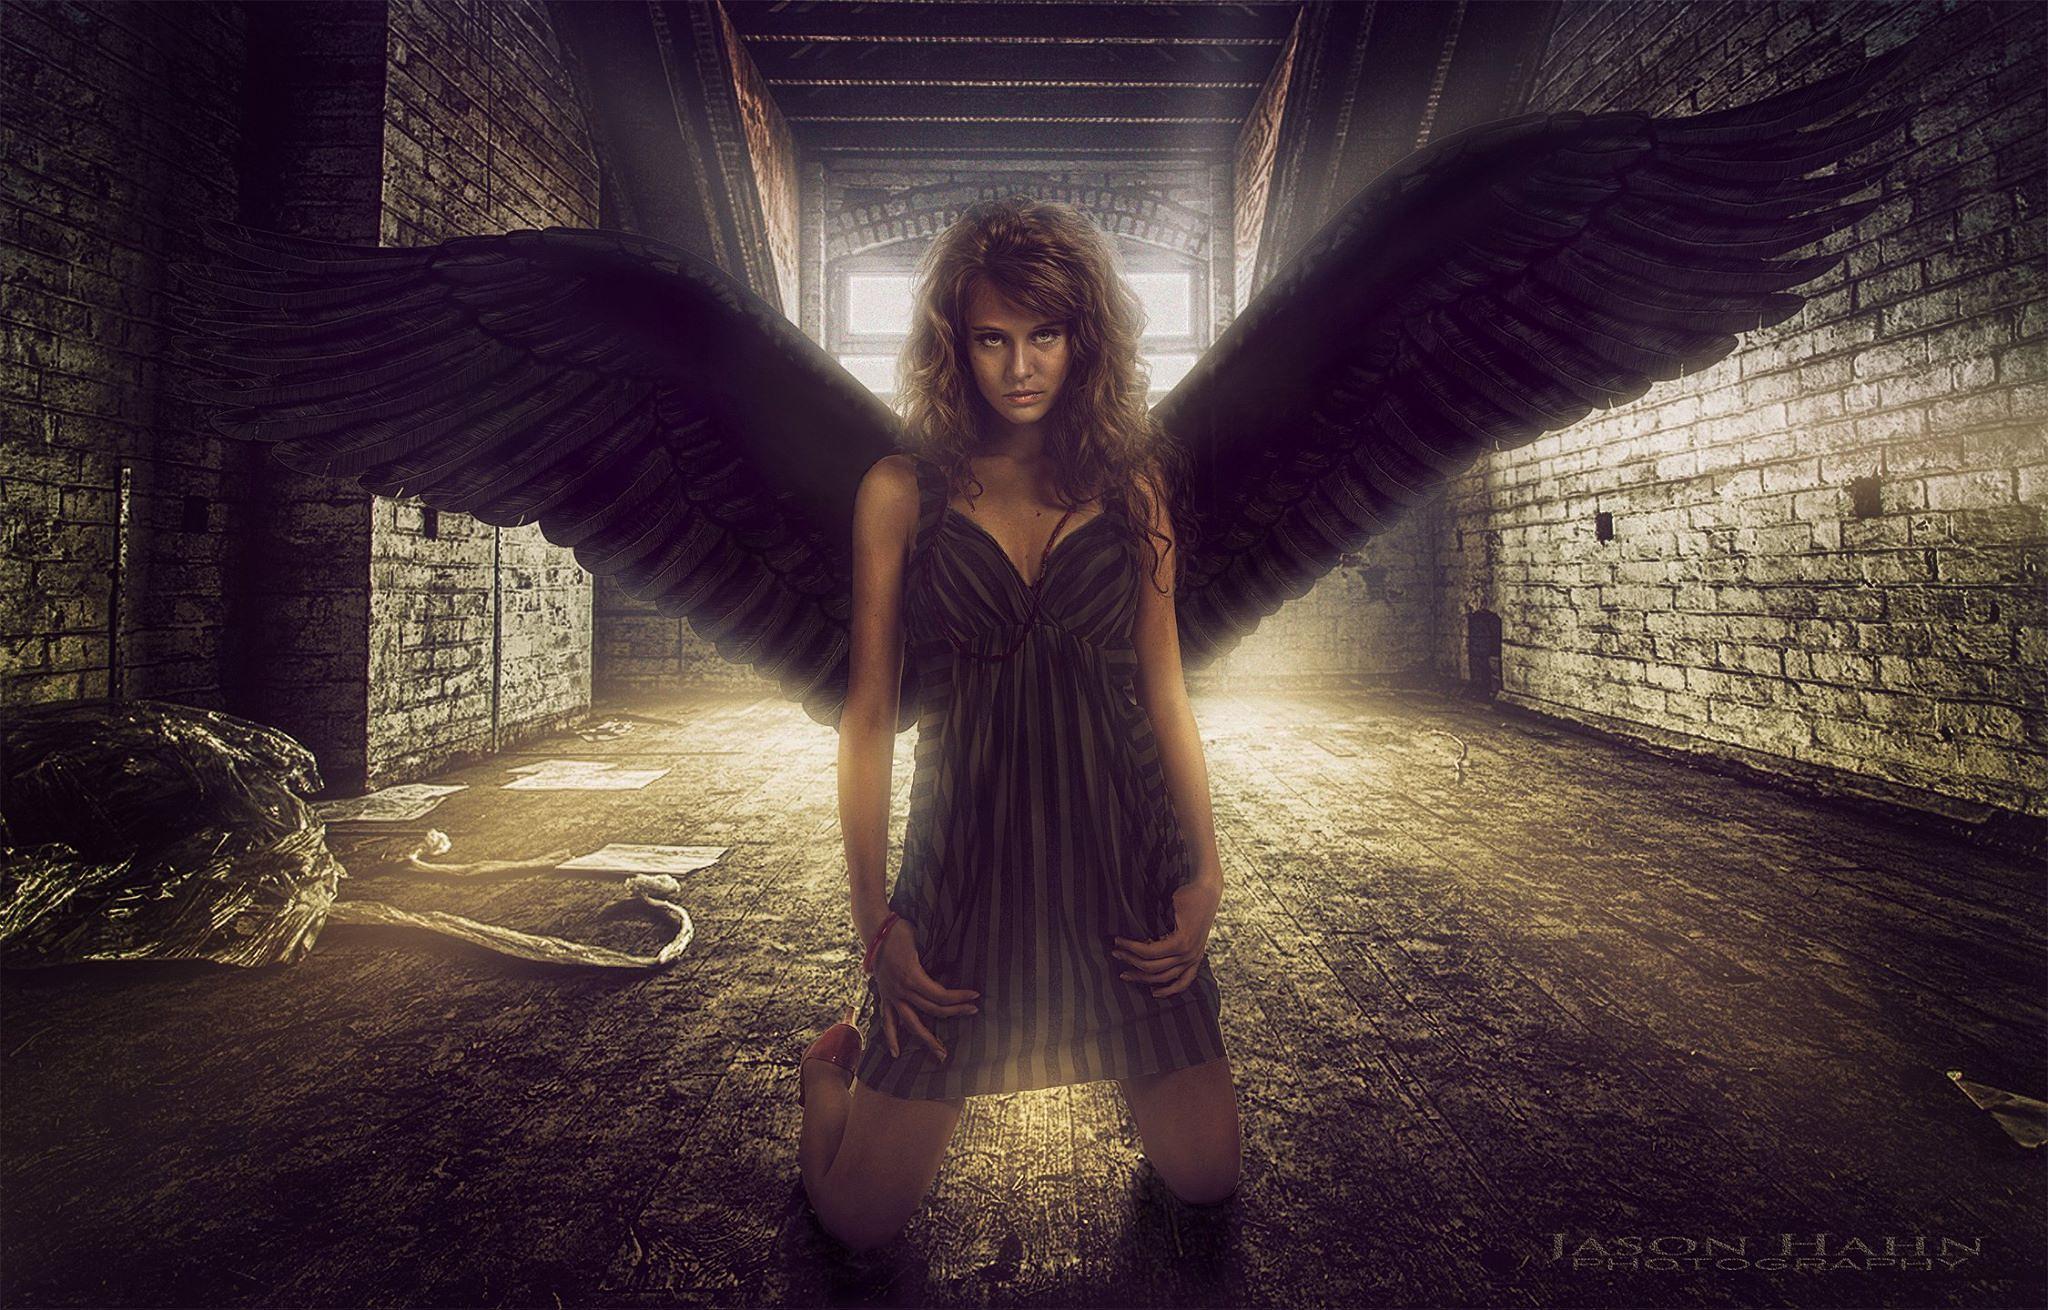 Dark Angel by Jason Hahn